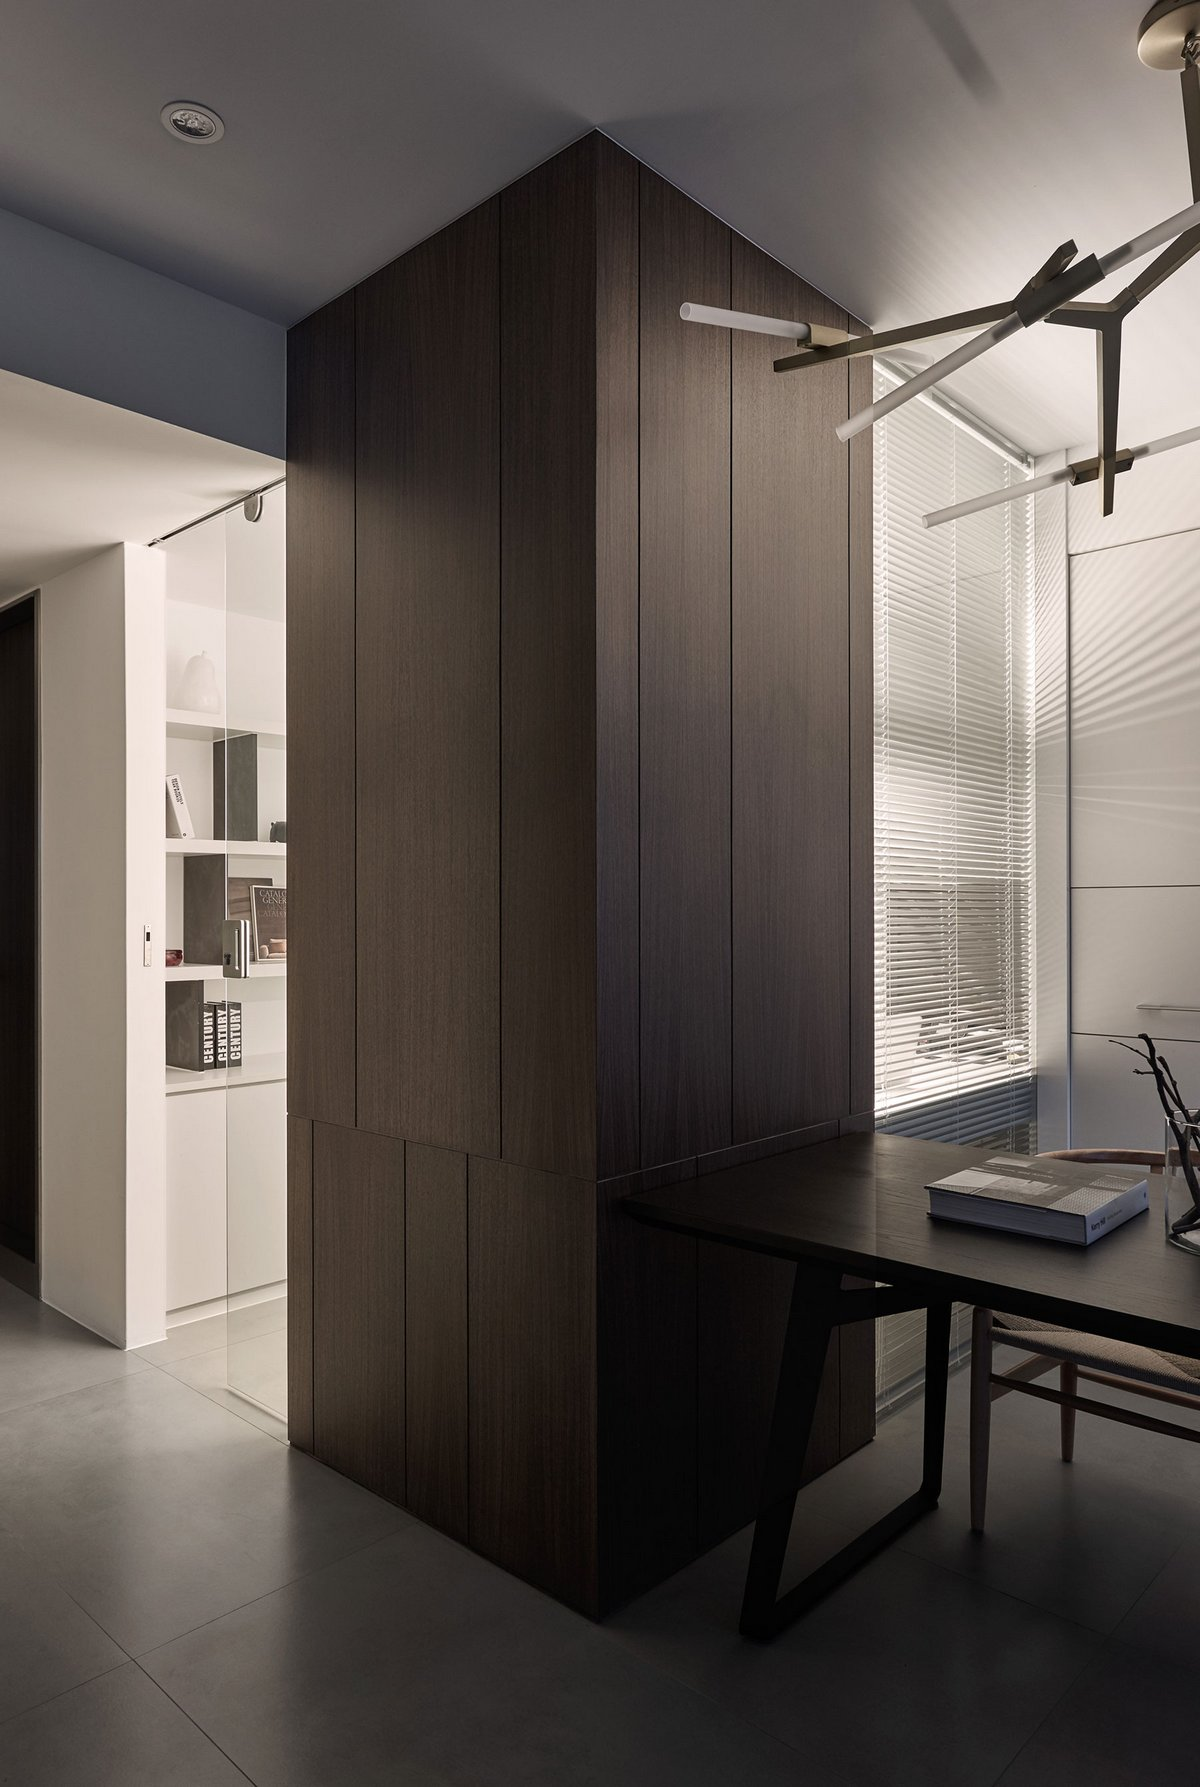 Z-AXIS DESIGN, стильный дизайн интерьера, современный дизайн интерьера фото, строгий интерьер фото, оформление гостиной фото, современная спальня фото